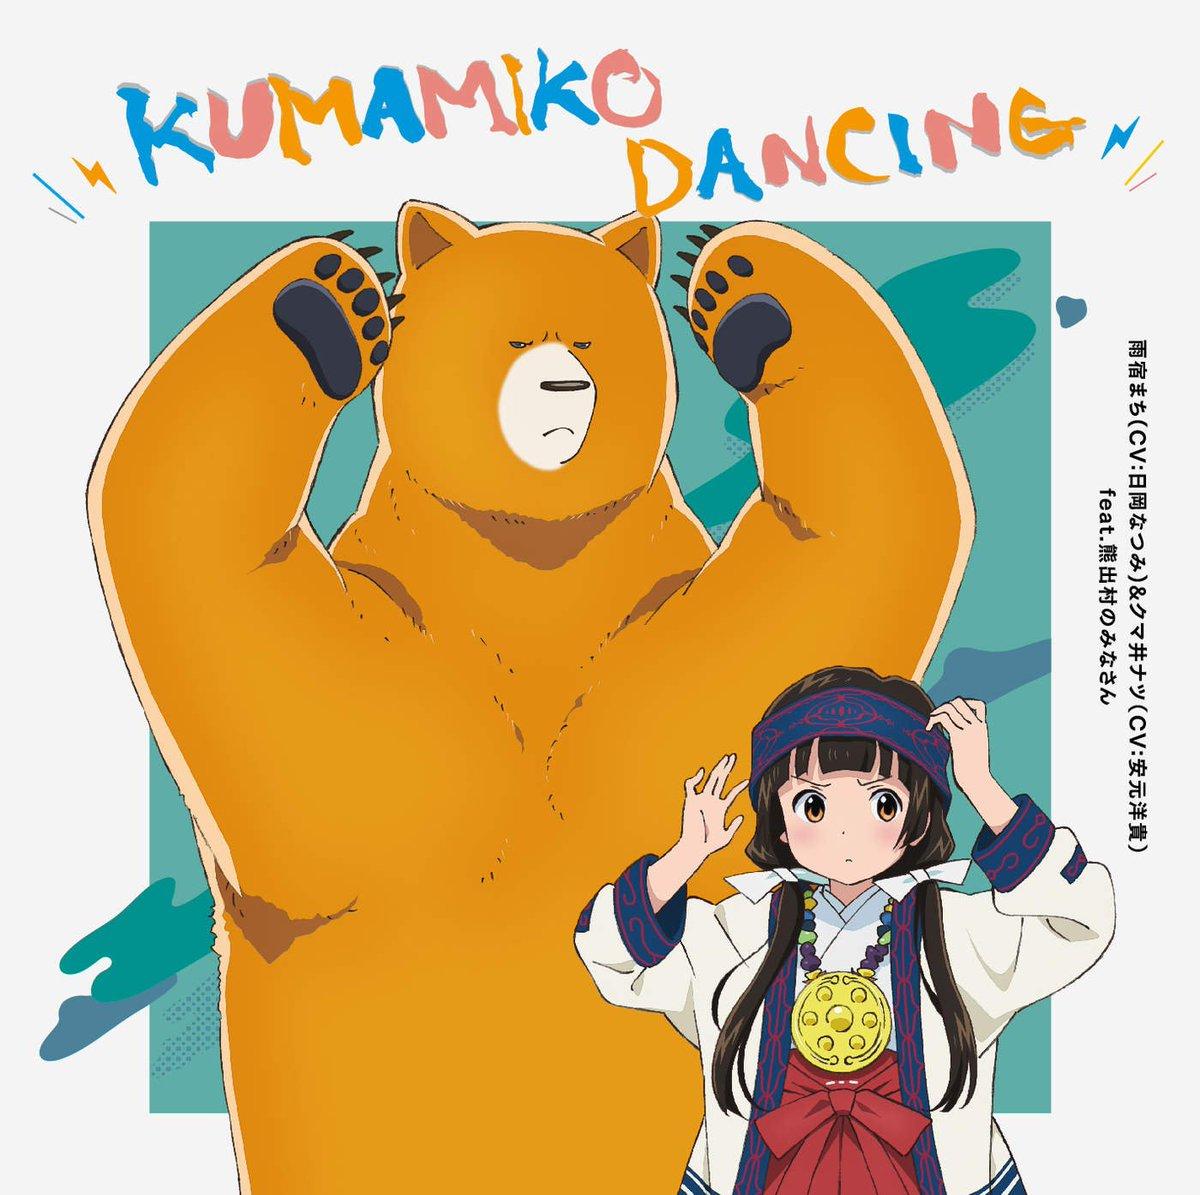 ながら試聴∠(`・ω・)/ KUMAMIKO DANCING (feat. 熊出村のみなさん) - 雨宿まち(CV:日岡